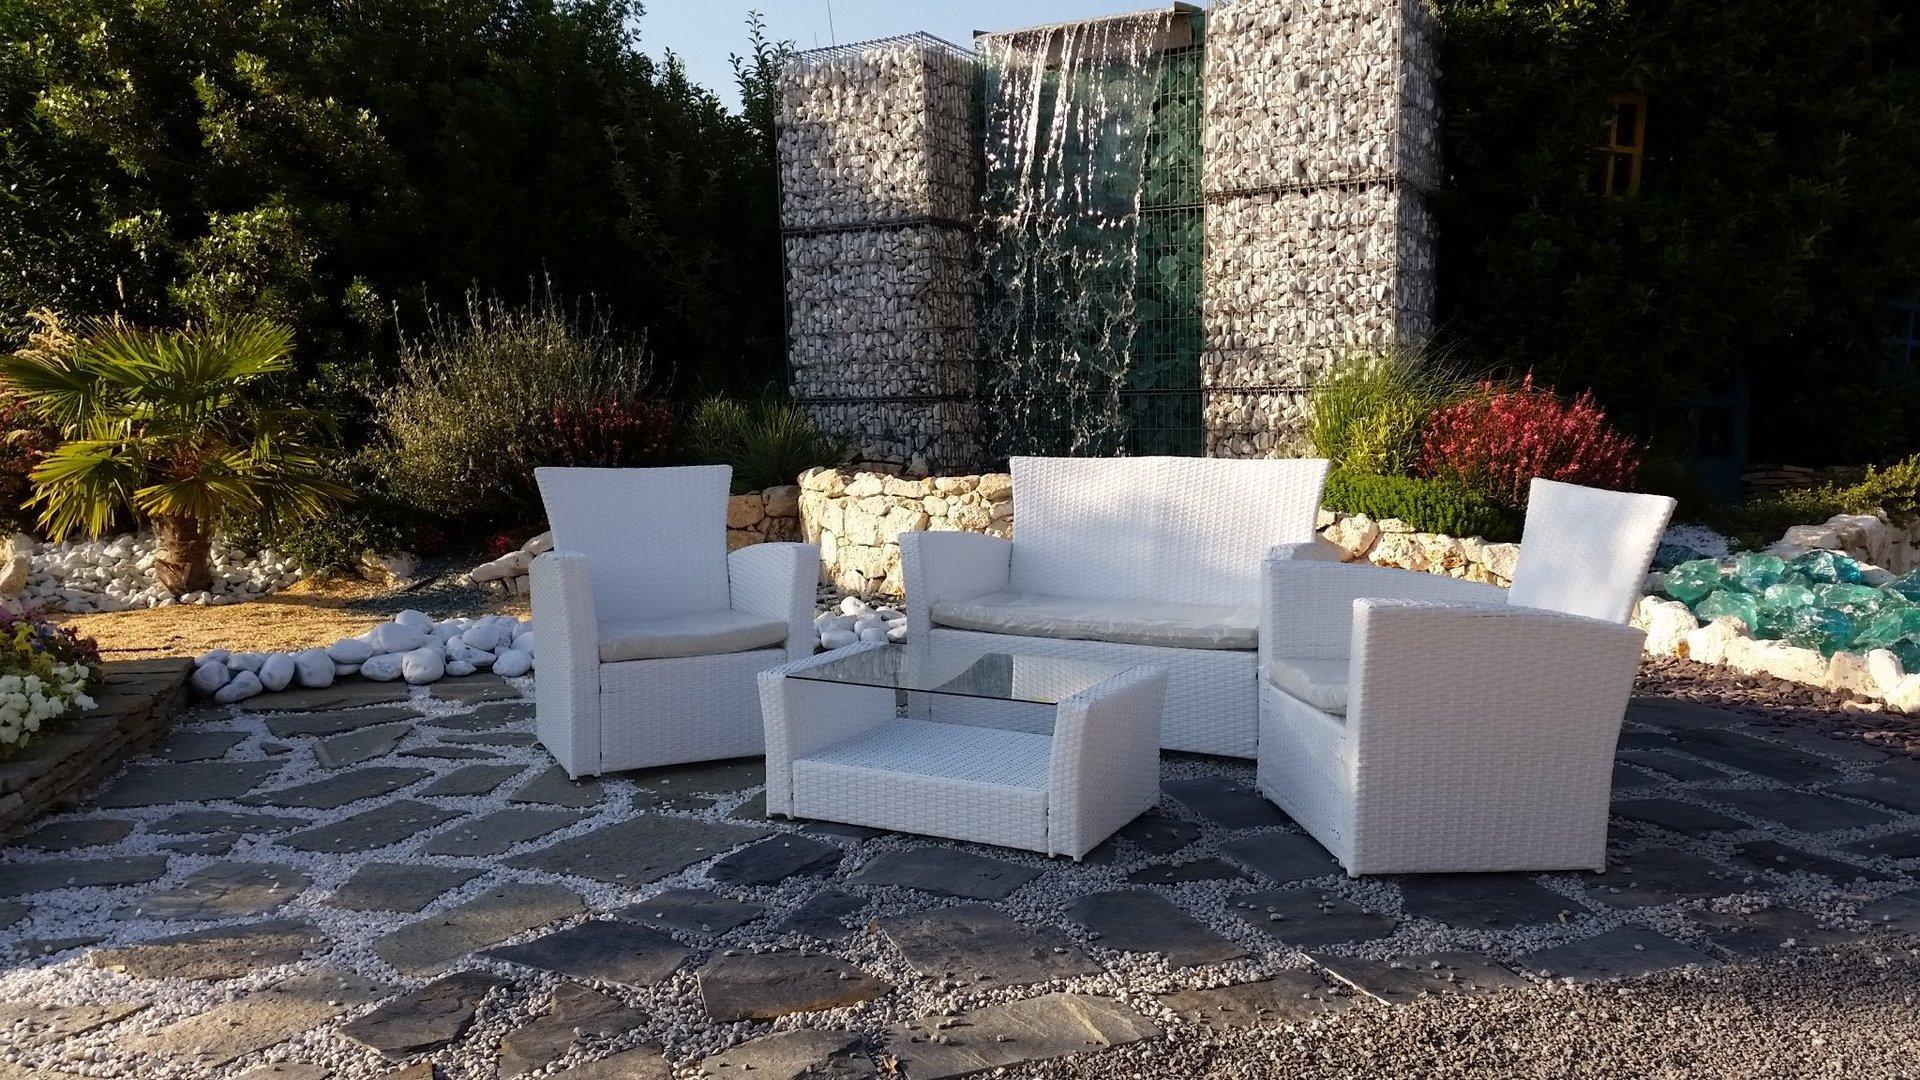 Arredo giardino e esterno bellizzi sa montella prisma for Giardini arredo esterno